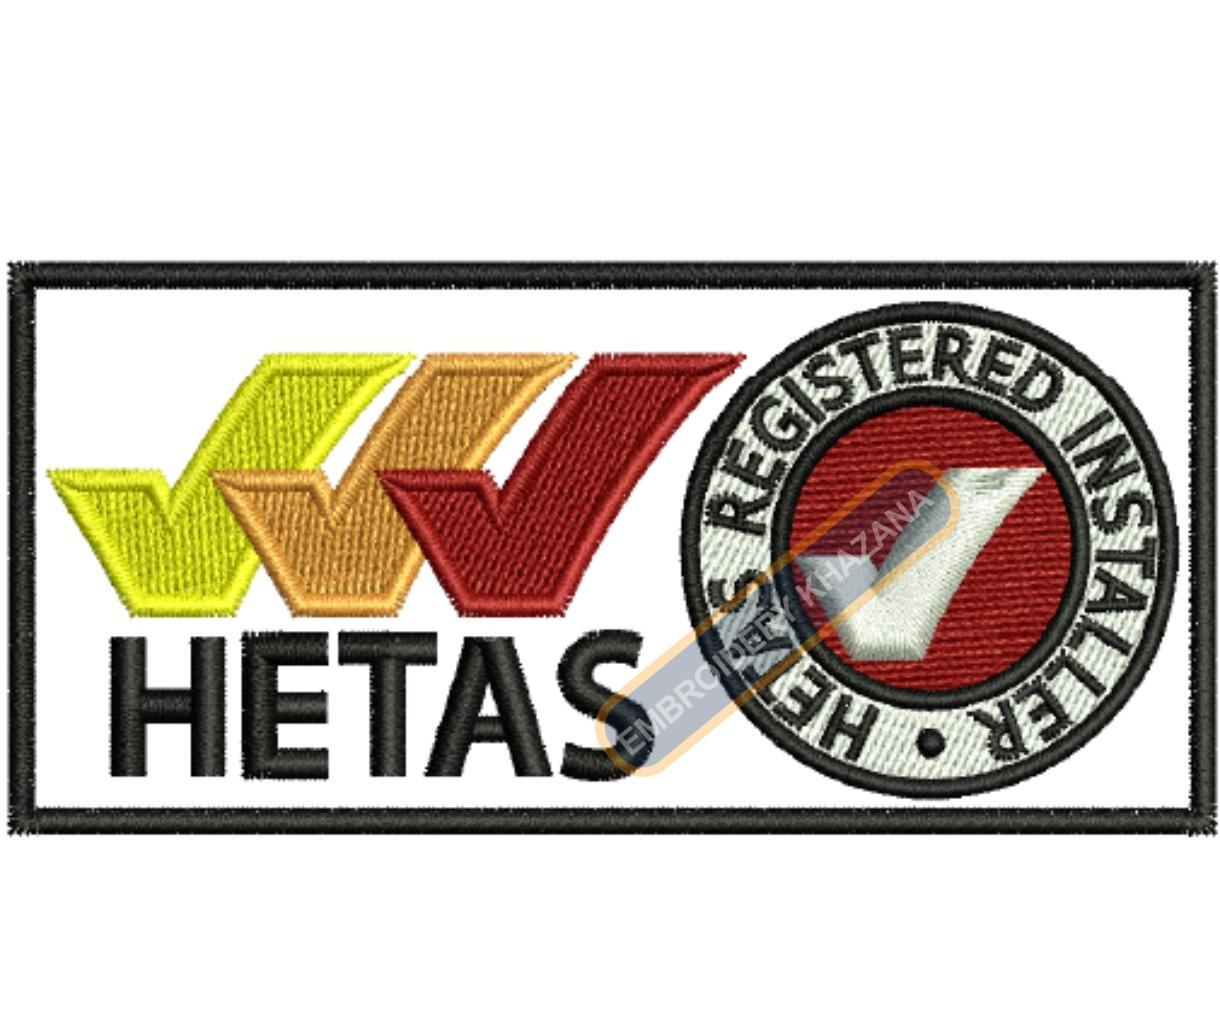 Hetas Logo Embroidery Designs